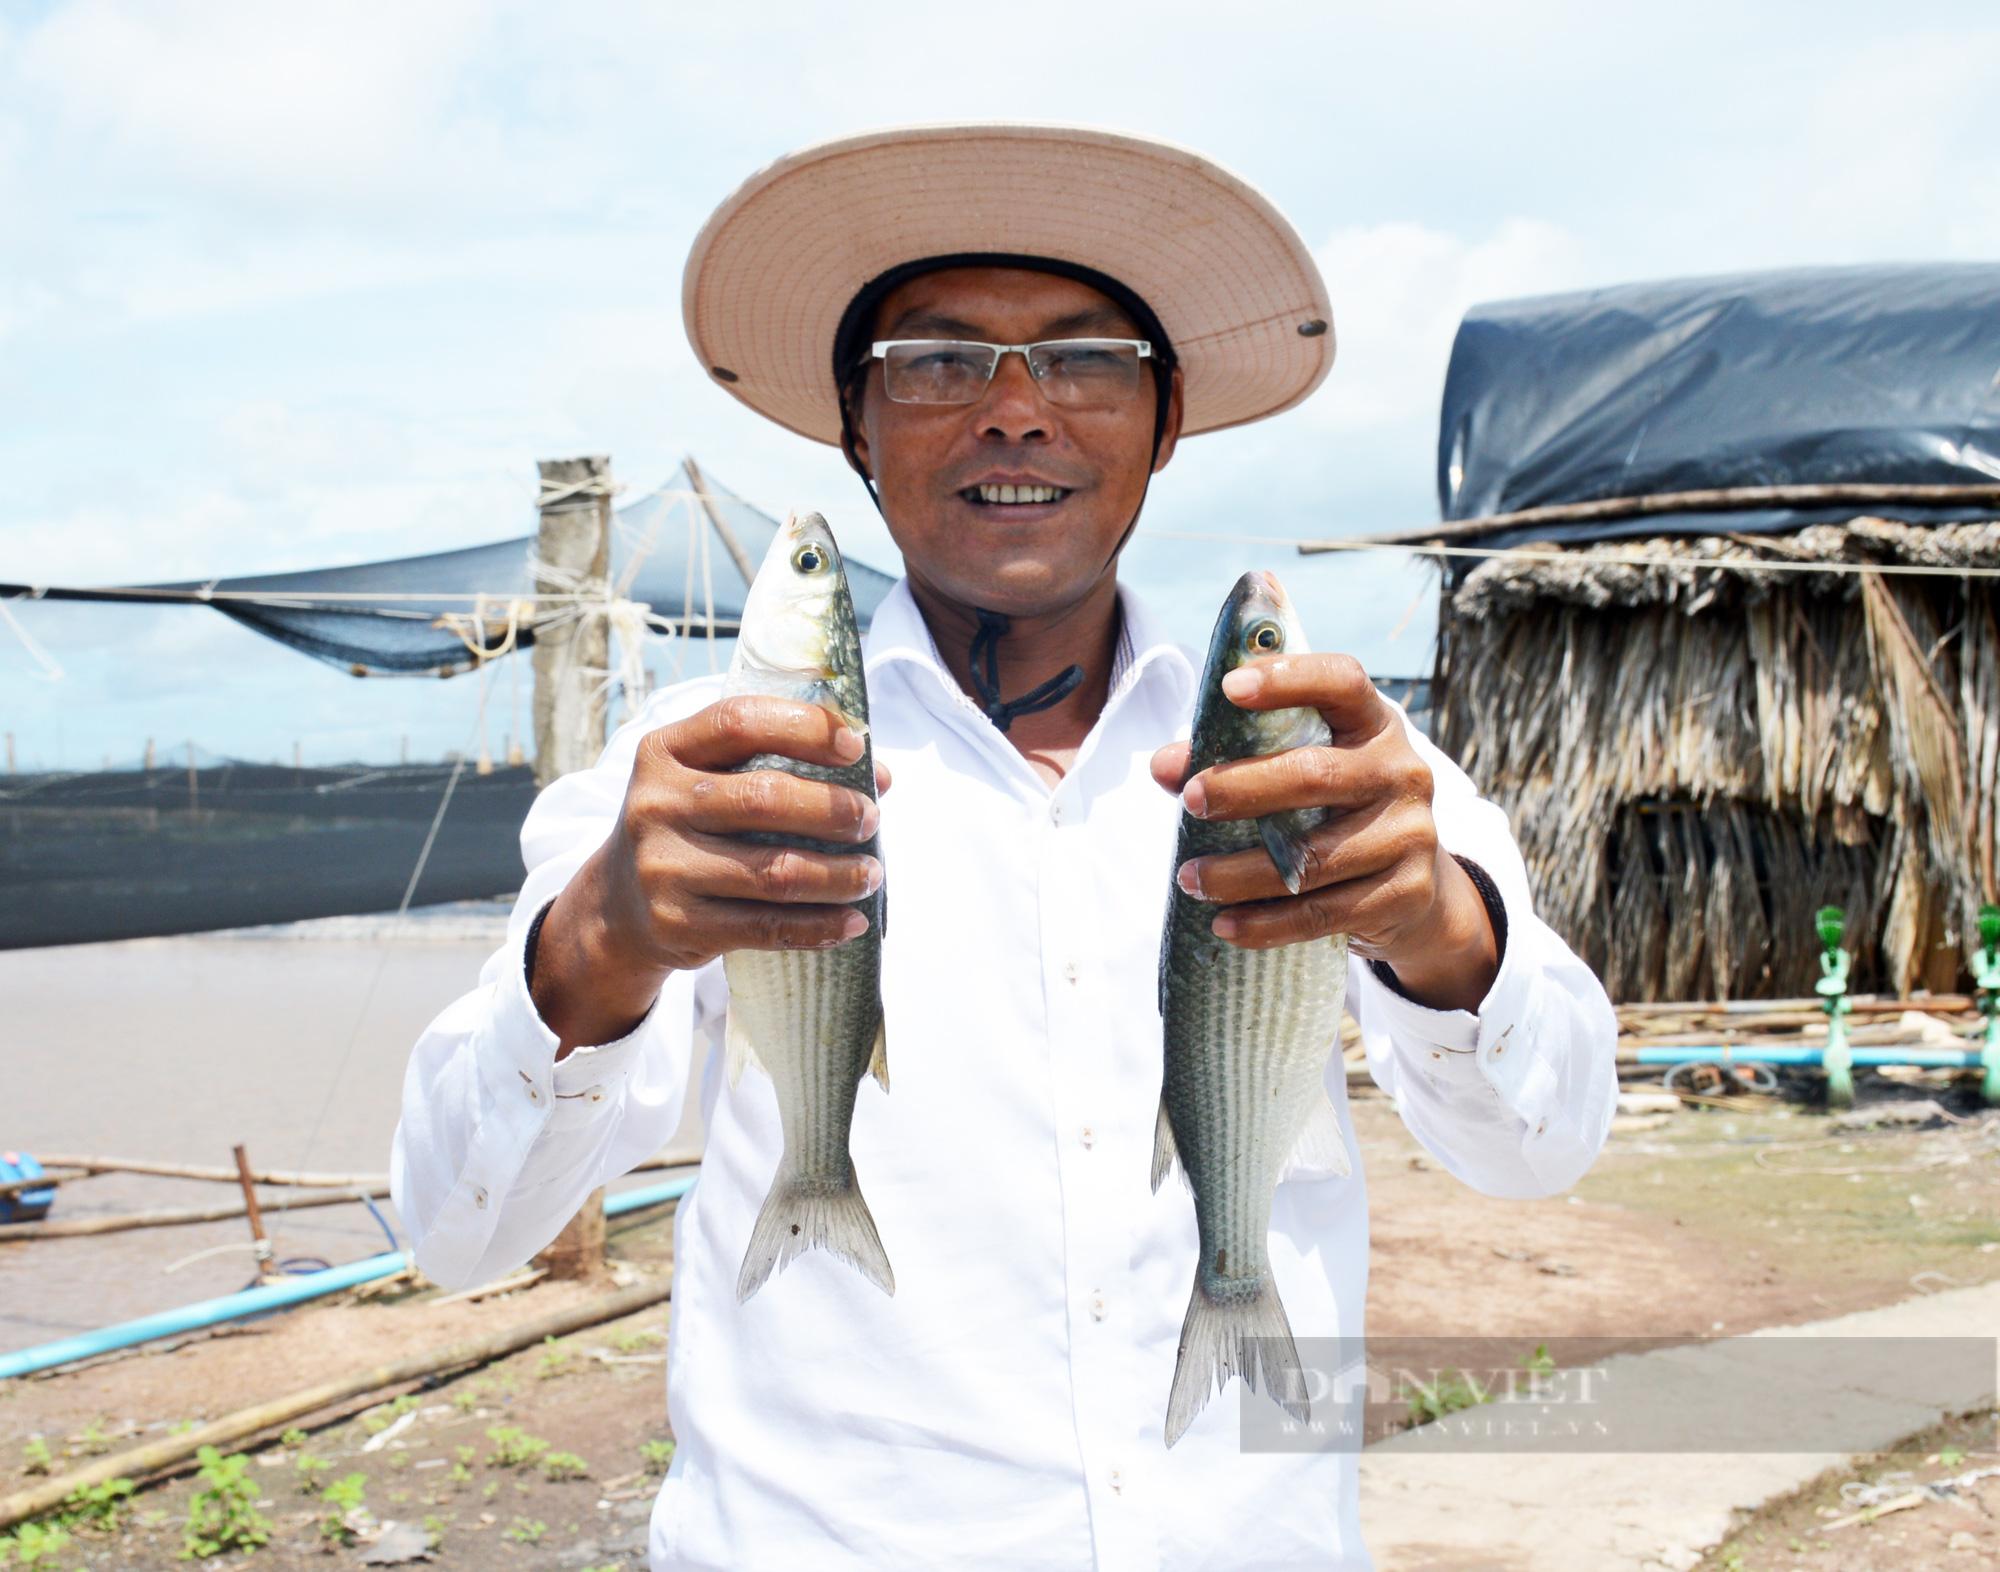 Nâng cao vai trò của Hội Nông dân Việt Nam trong việc hỗ trợ nông dân khởi nghiệp, sáng tạo - Ảnh 3.